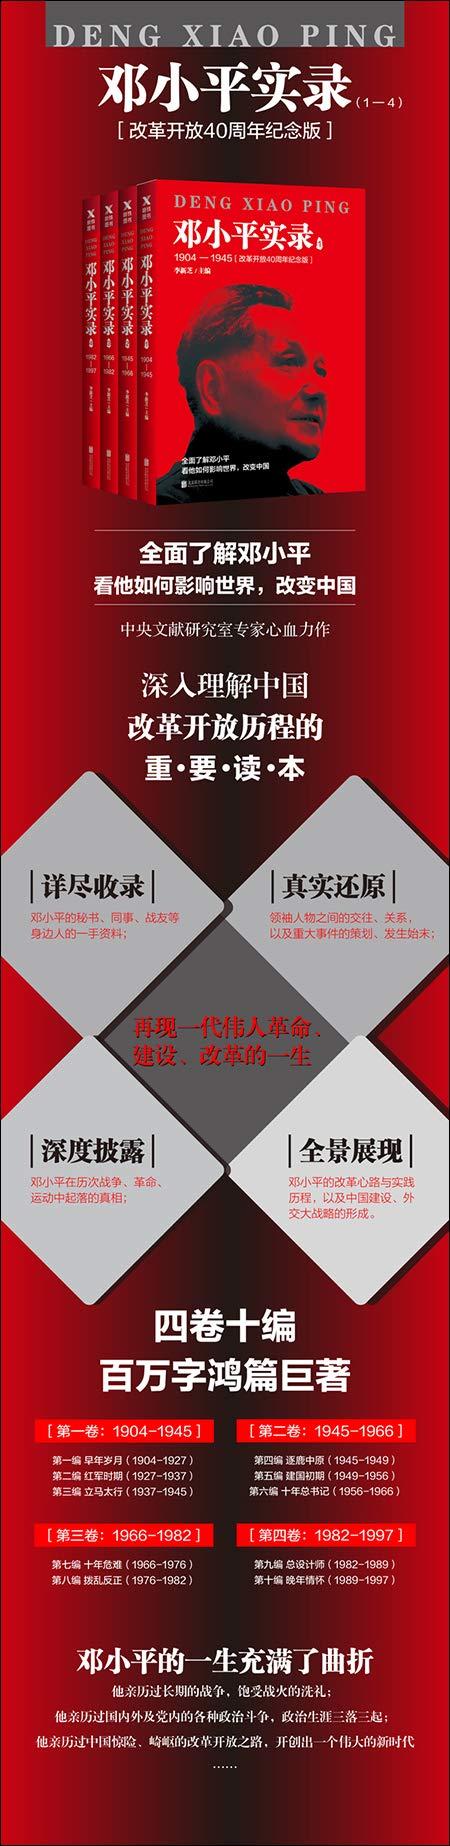 《邓小平实录1904—1997(改革开放40周年纪念版全四册)》李新芝epub+mobi+azw3下载